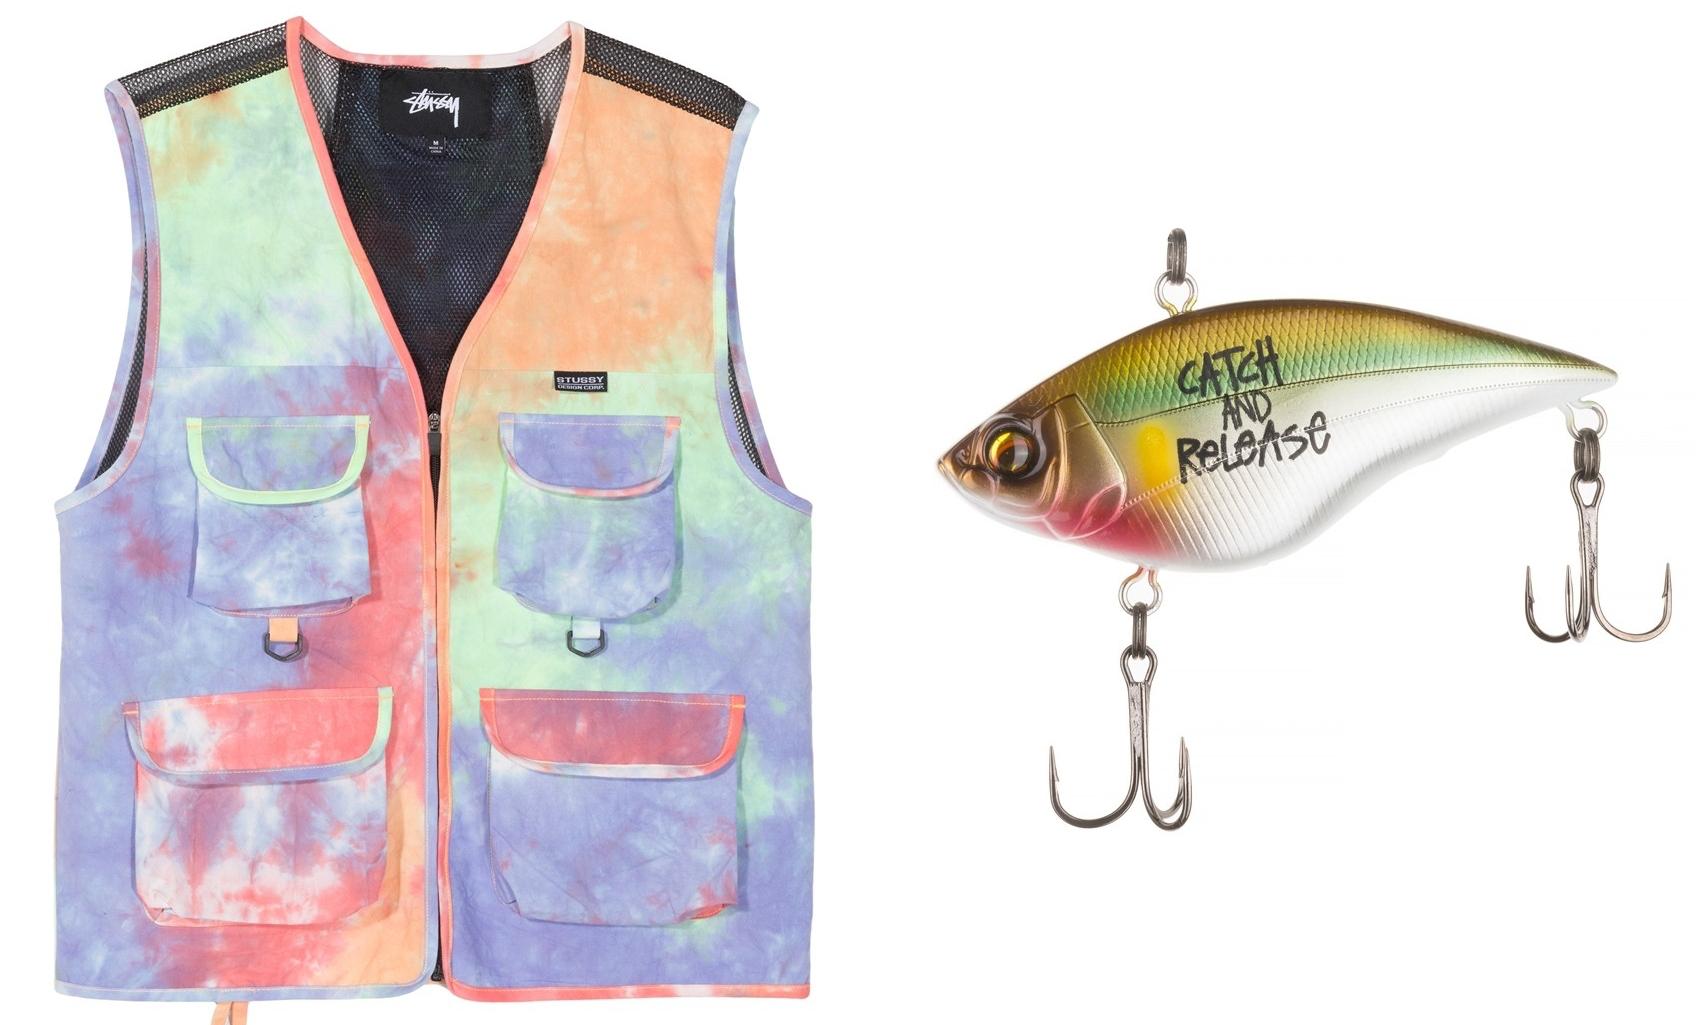 Stüssy 发布最新胶囊系列,穿上它们去钓鱼?